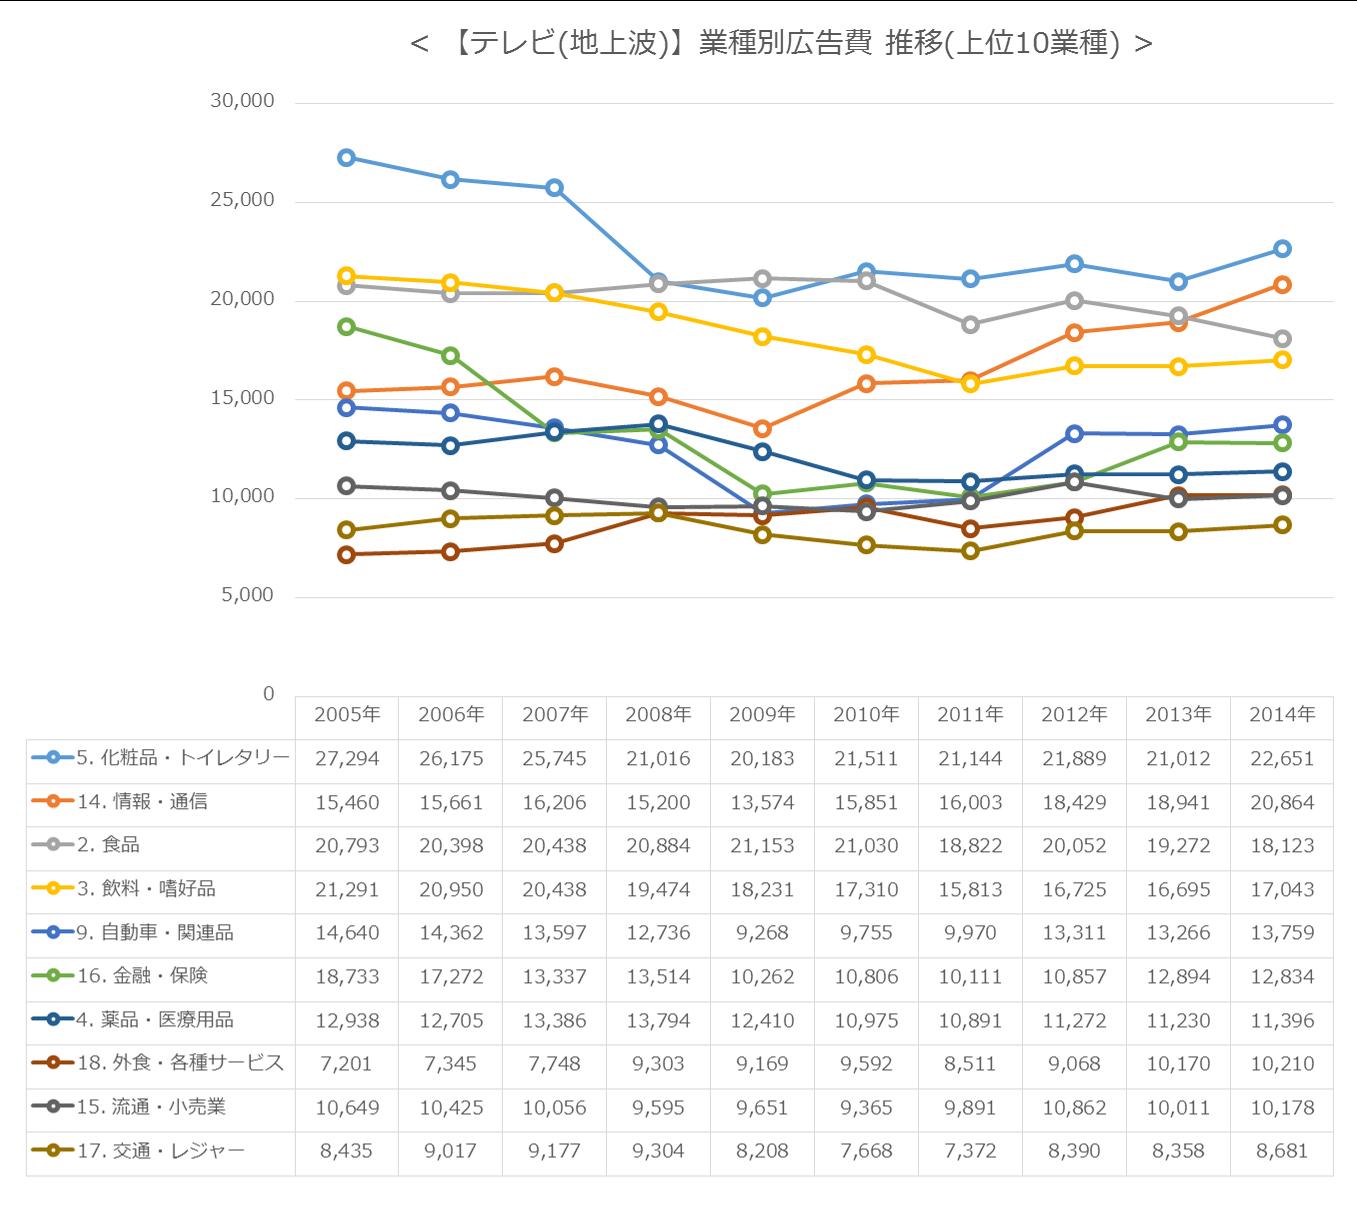 【テレビ(地上波)】業種別広告費 推移(上位10業種)